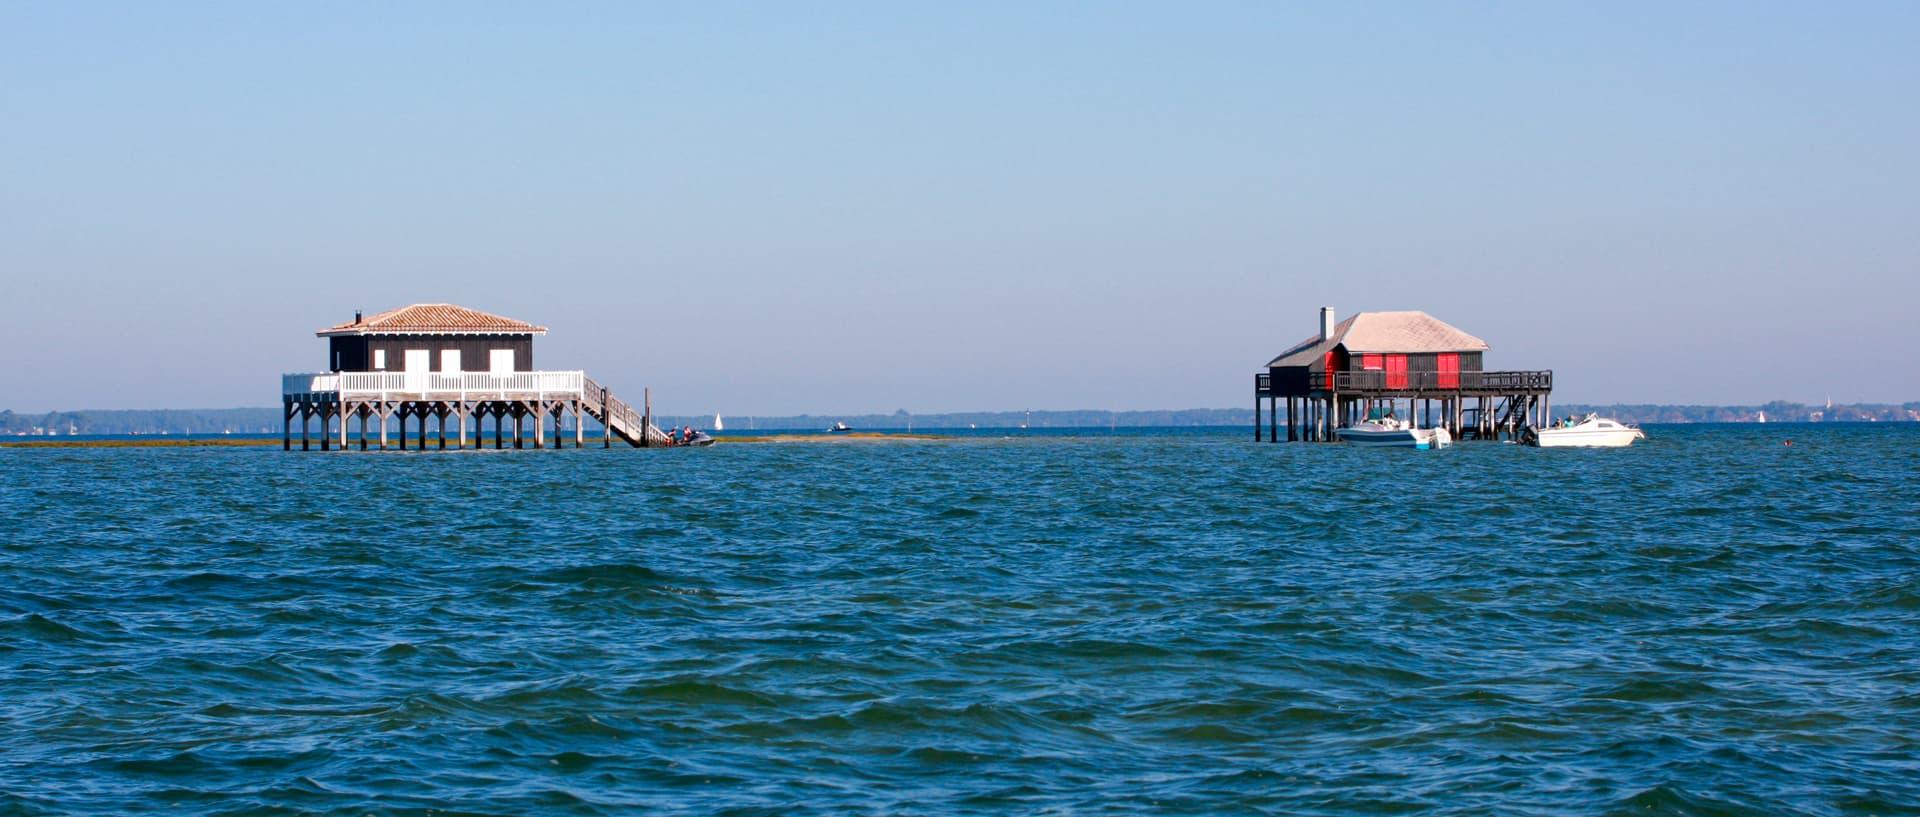 Balade en bateau autour de l'ile aux oiseaux et ses cabanes tchanquées